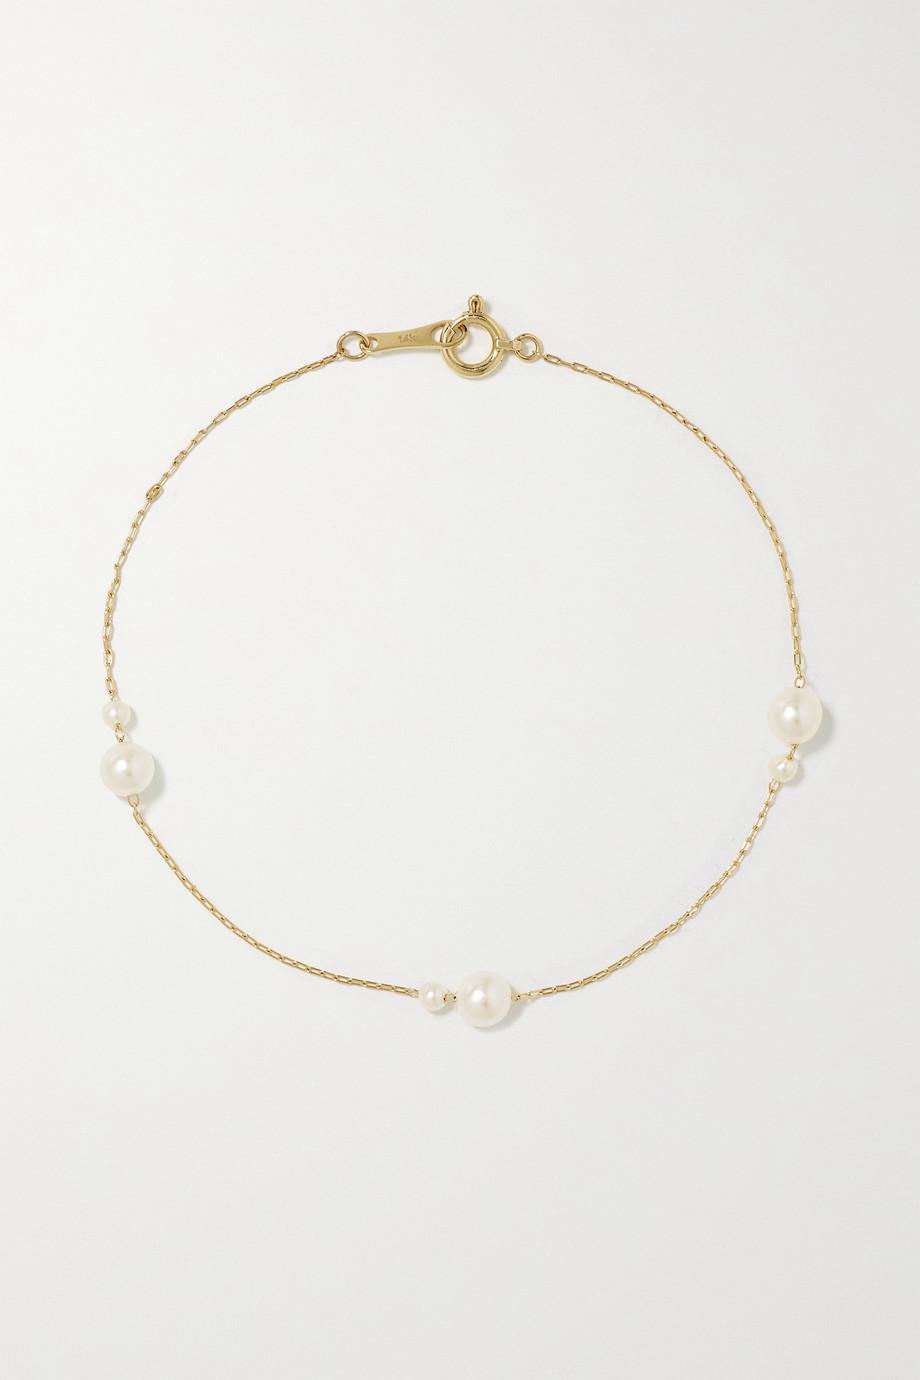 Mizuki Armband aus 14 Karat Gold mit Perlen